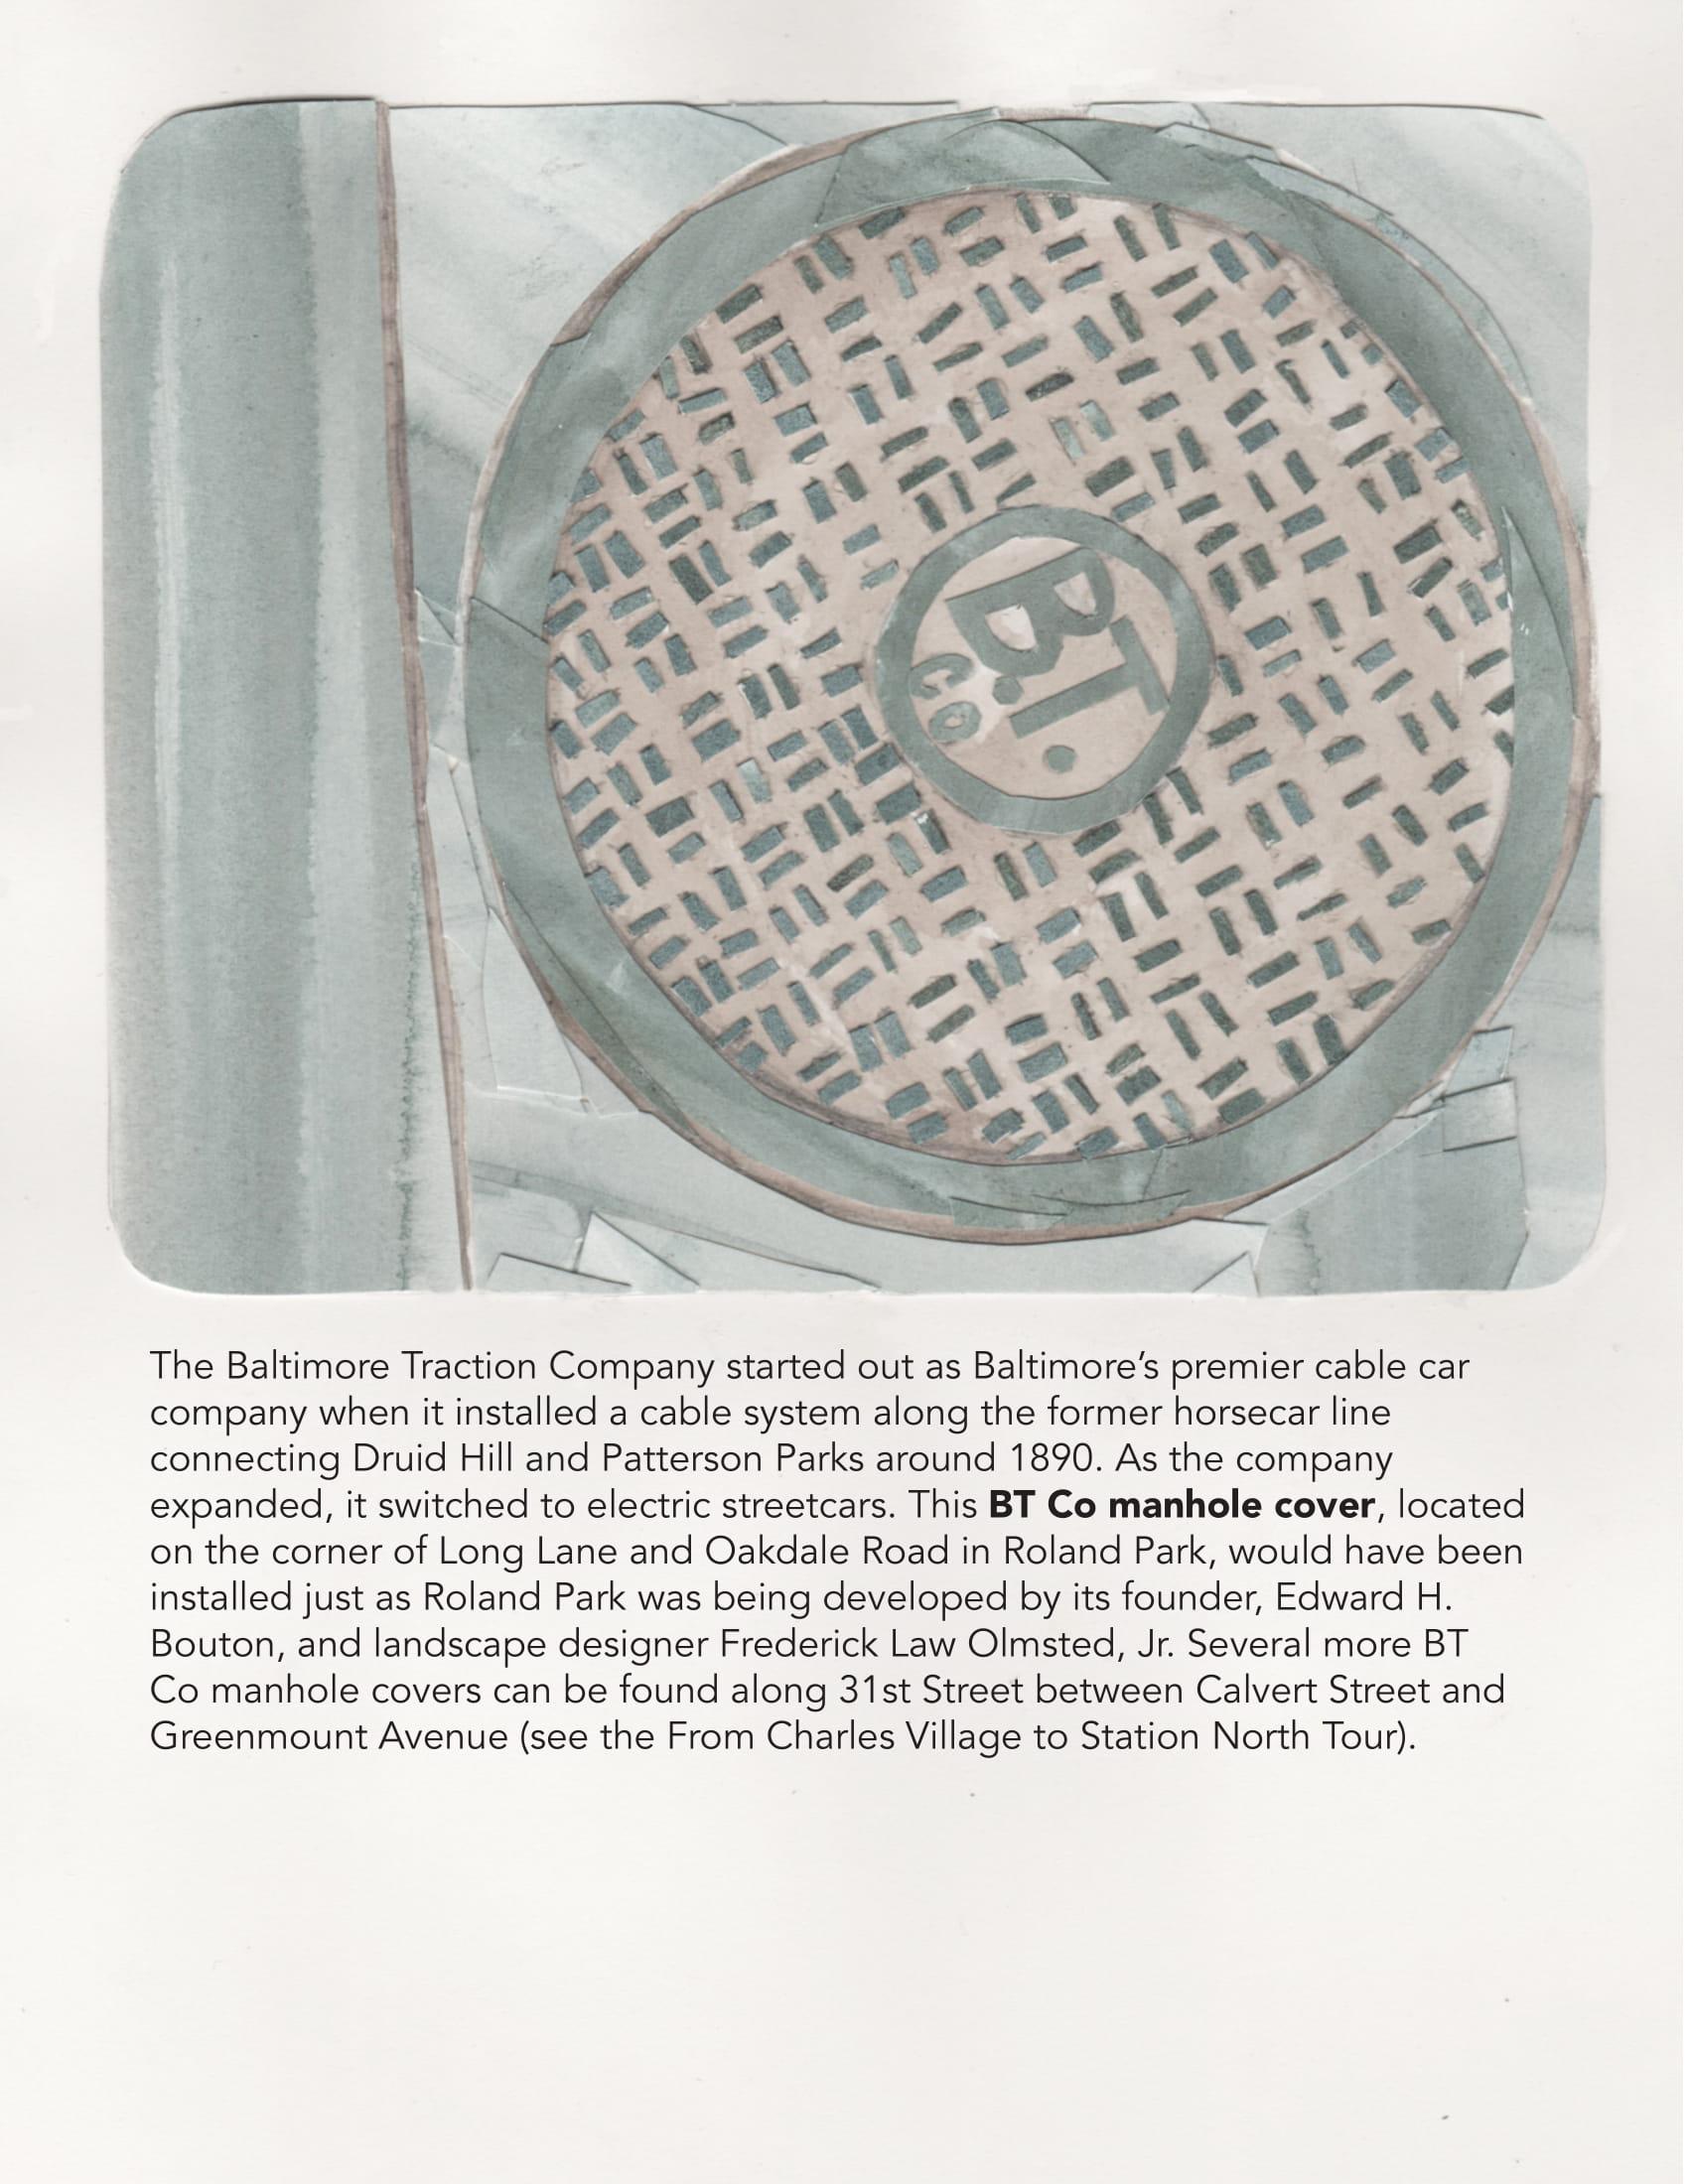 BT Co Manhole Cover